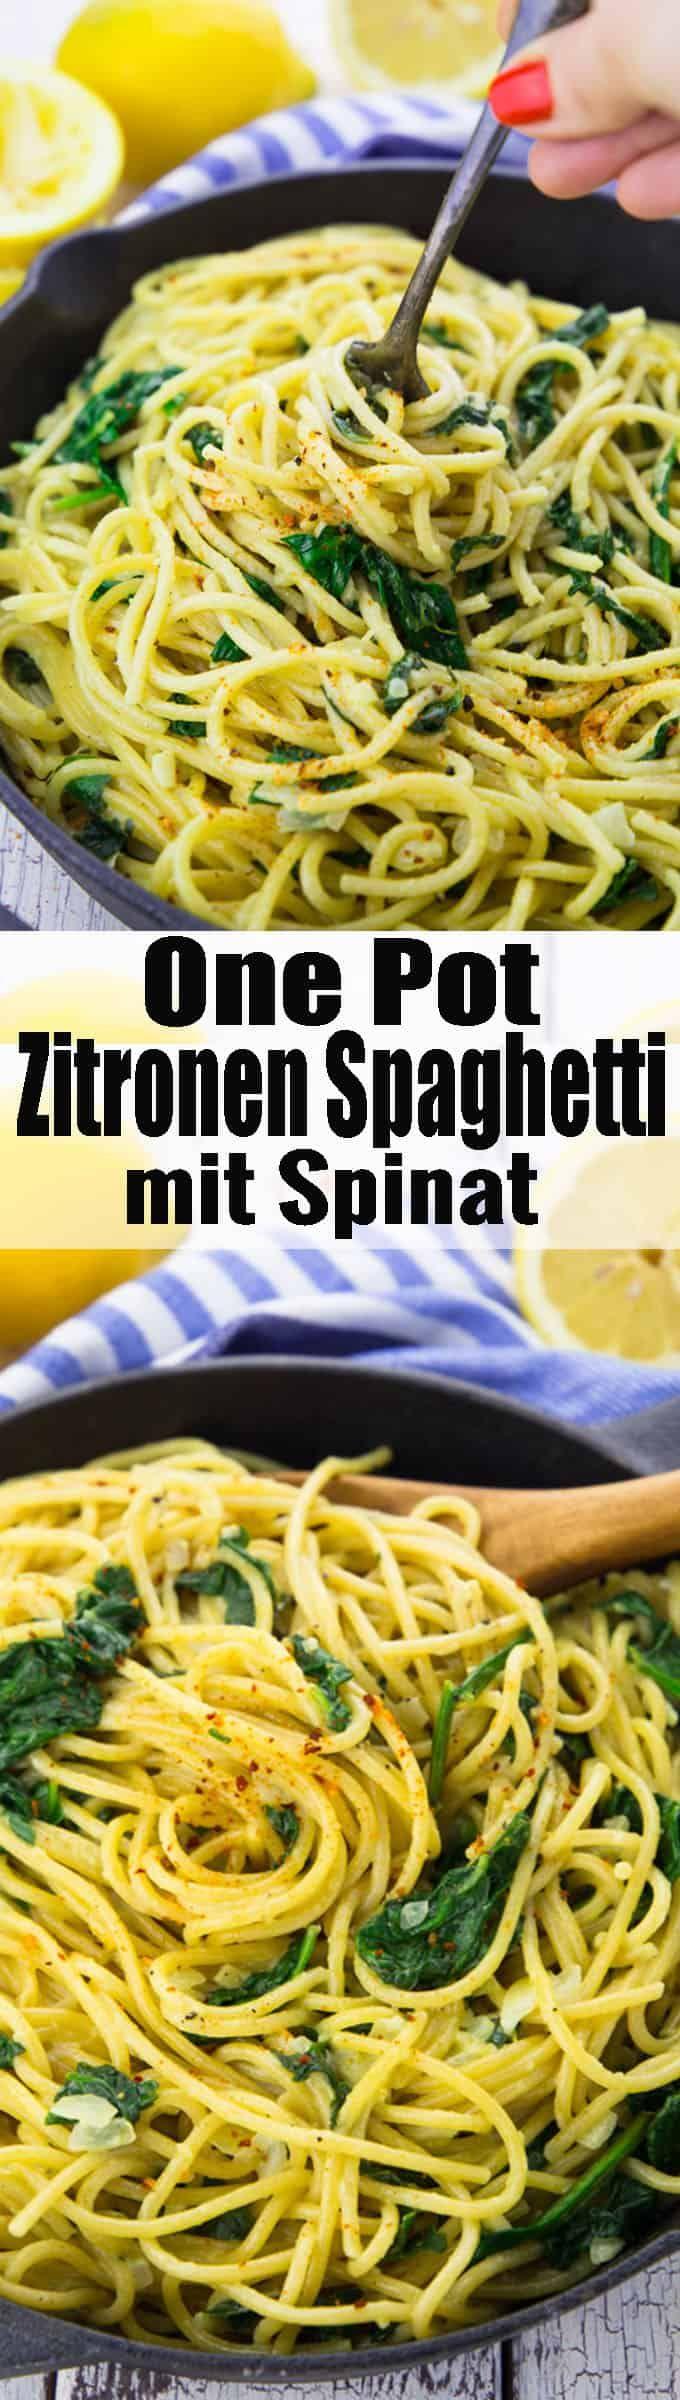 Super einfaches Rezept für Zitronenspaghetti mit Spinat. Nicht nur super lecker, sondern auch total einfach zuzubereiten und 100 Prozent vegan! Ich liebe One Pot Pasta Rezepte!! Mehr vegetarische Rezepte findet ihr auf veganheaven.de! <3 via @veganheavende